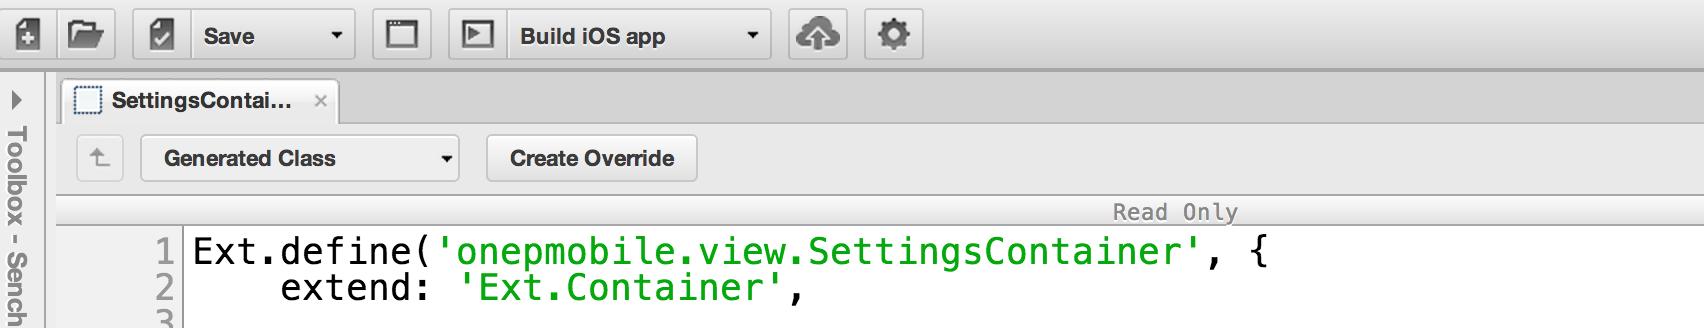 create_override_button